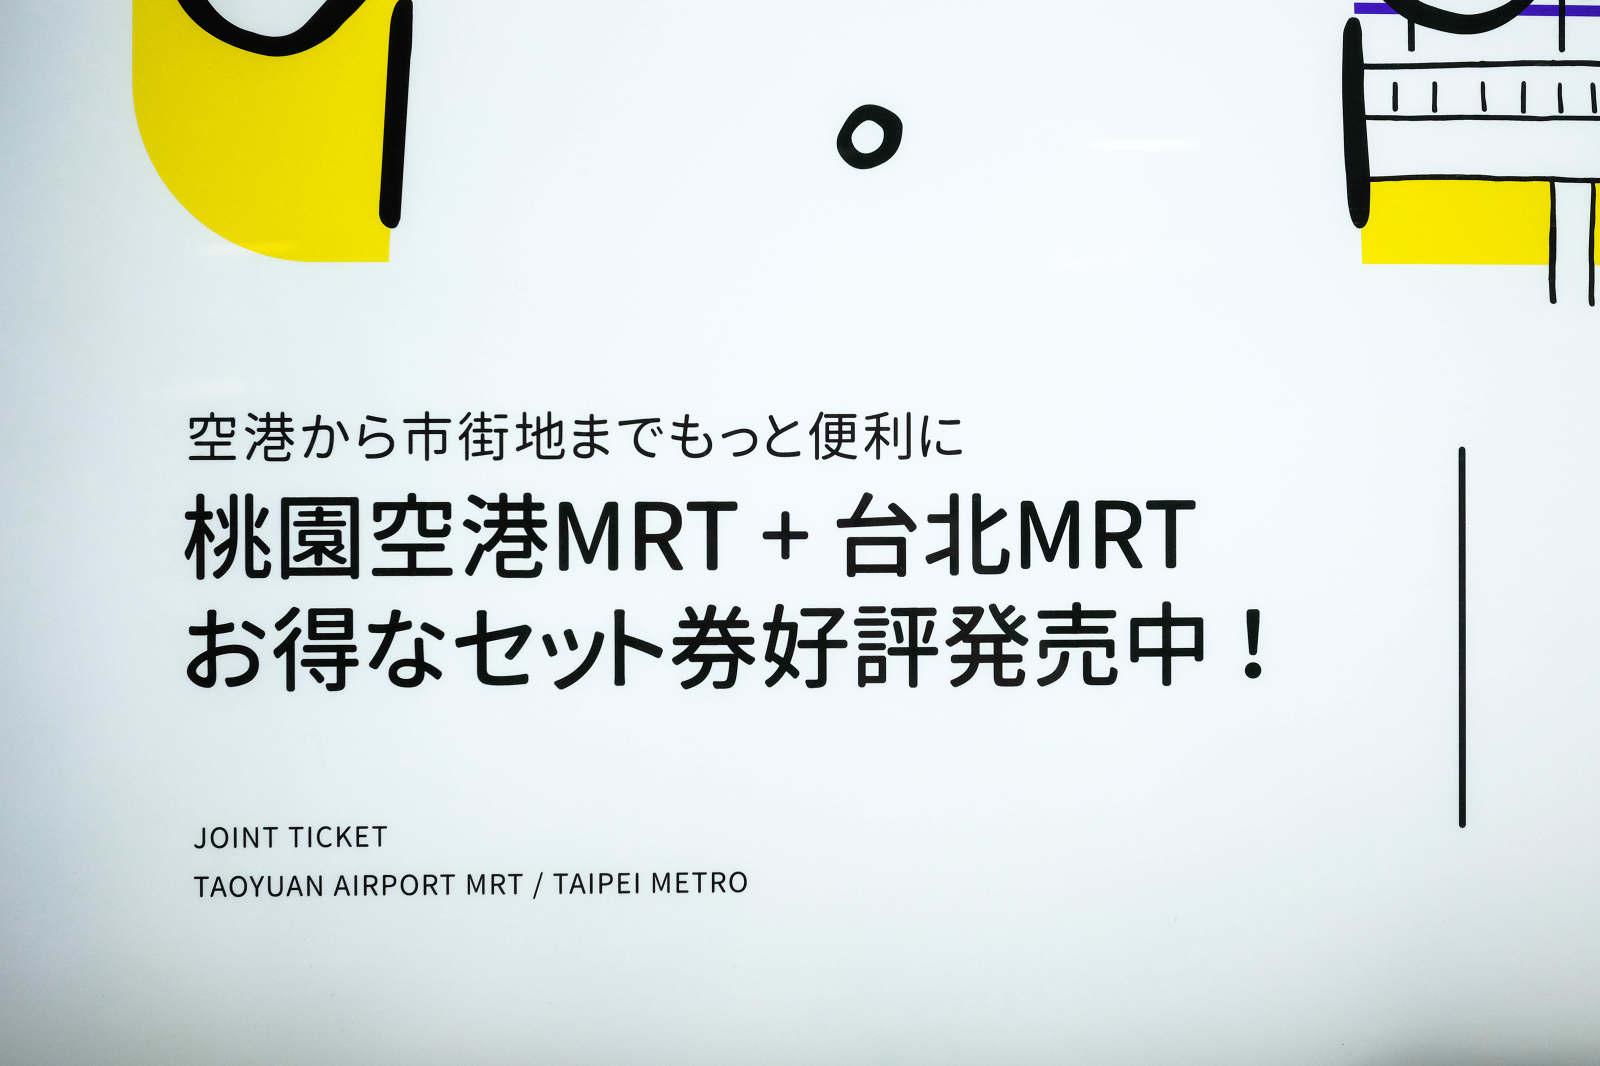 TAIPEI MRT JOINT TICKET PROMOTION VIDEO - mingsarts